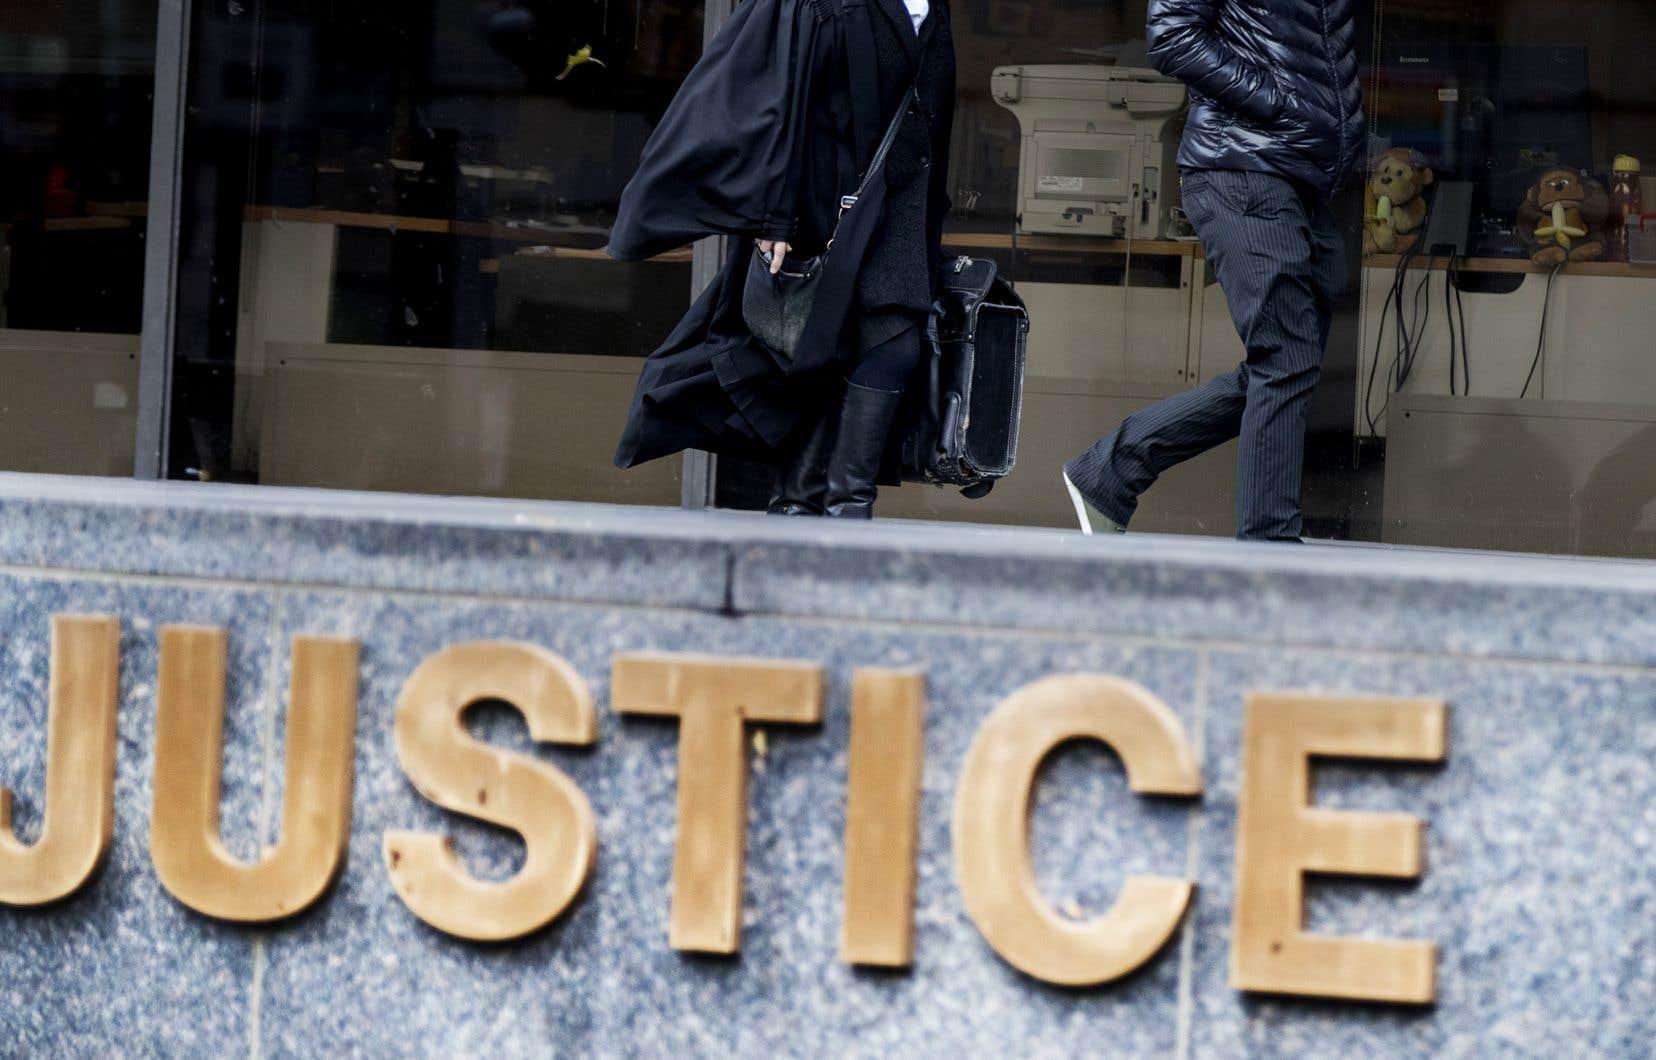 «Si les victimes ont peur de recourir au système de justice, les agresseurs ne seront pas condamnés», écrit l'autrice.